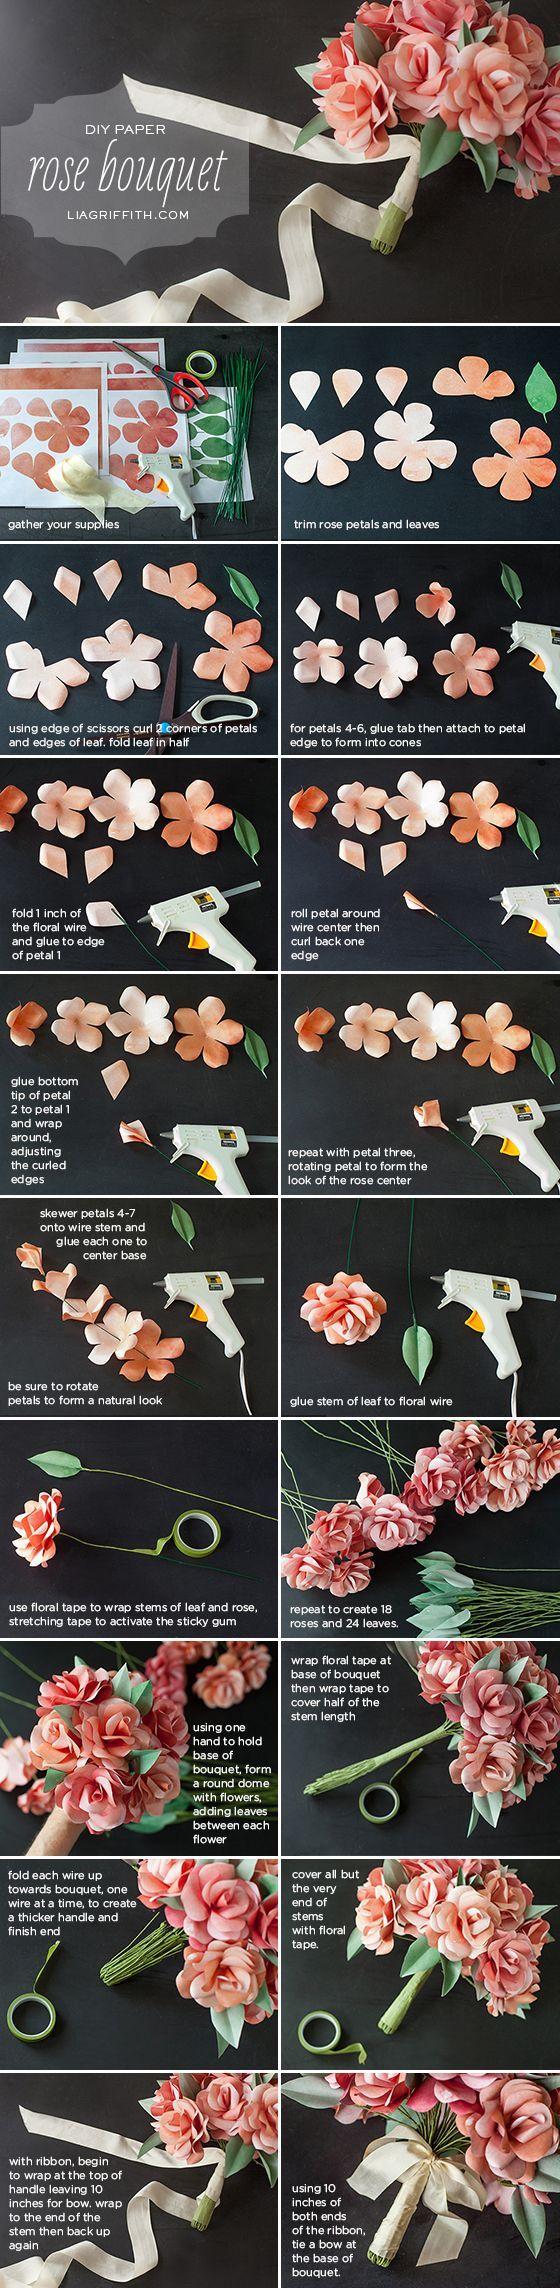 Как сделать букеты своими руками из бумаги